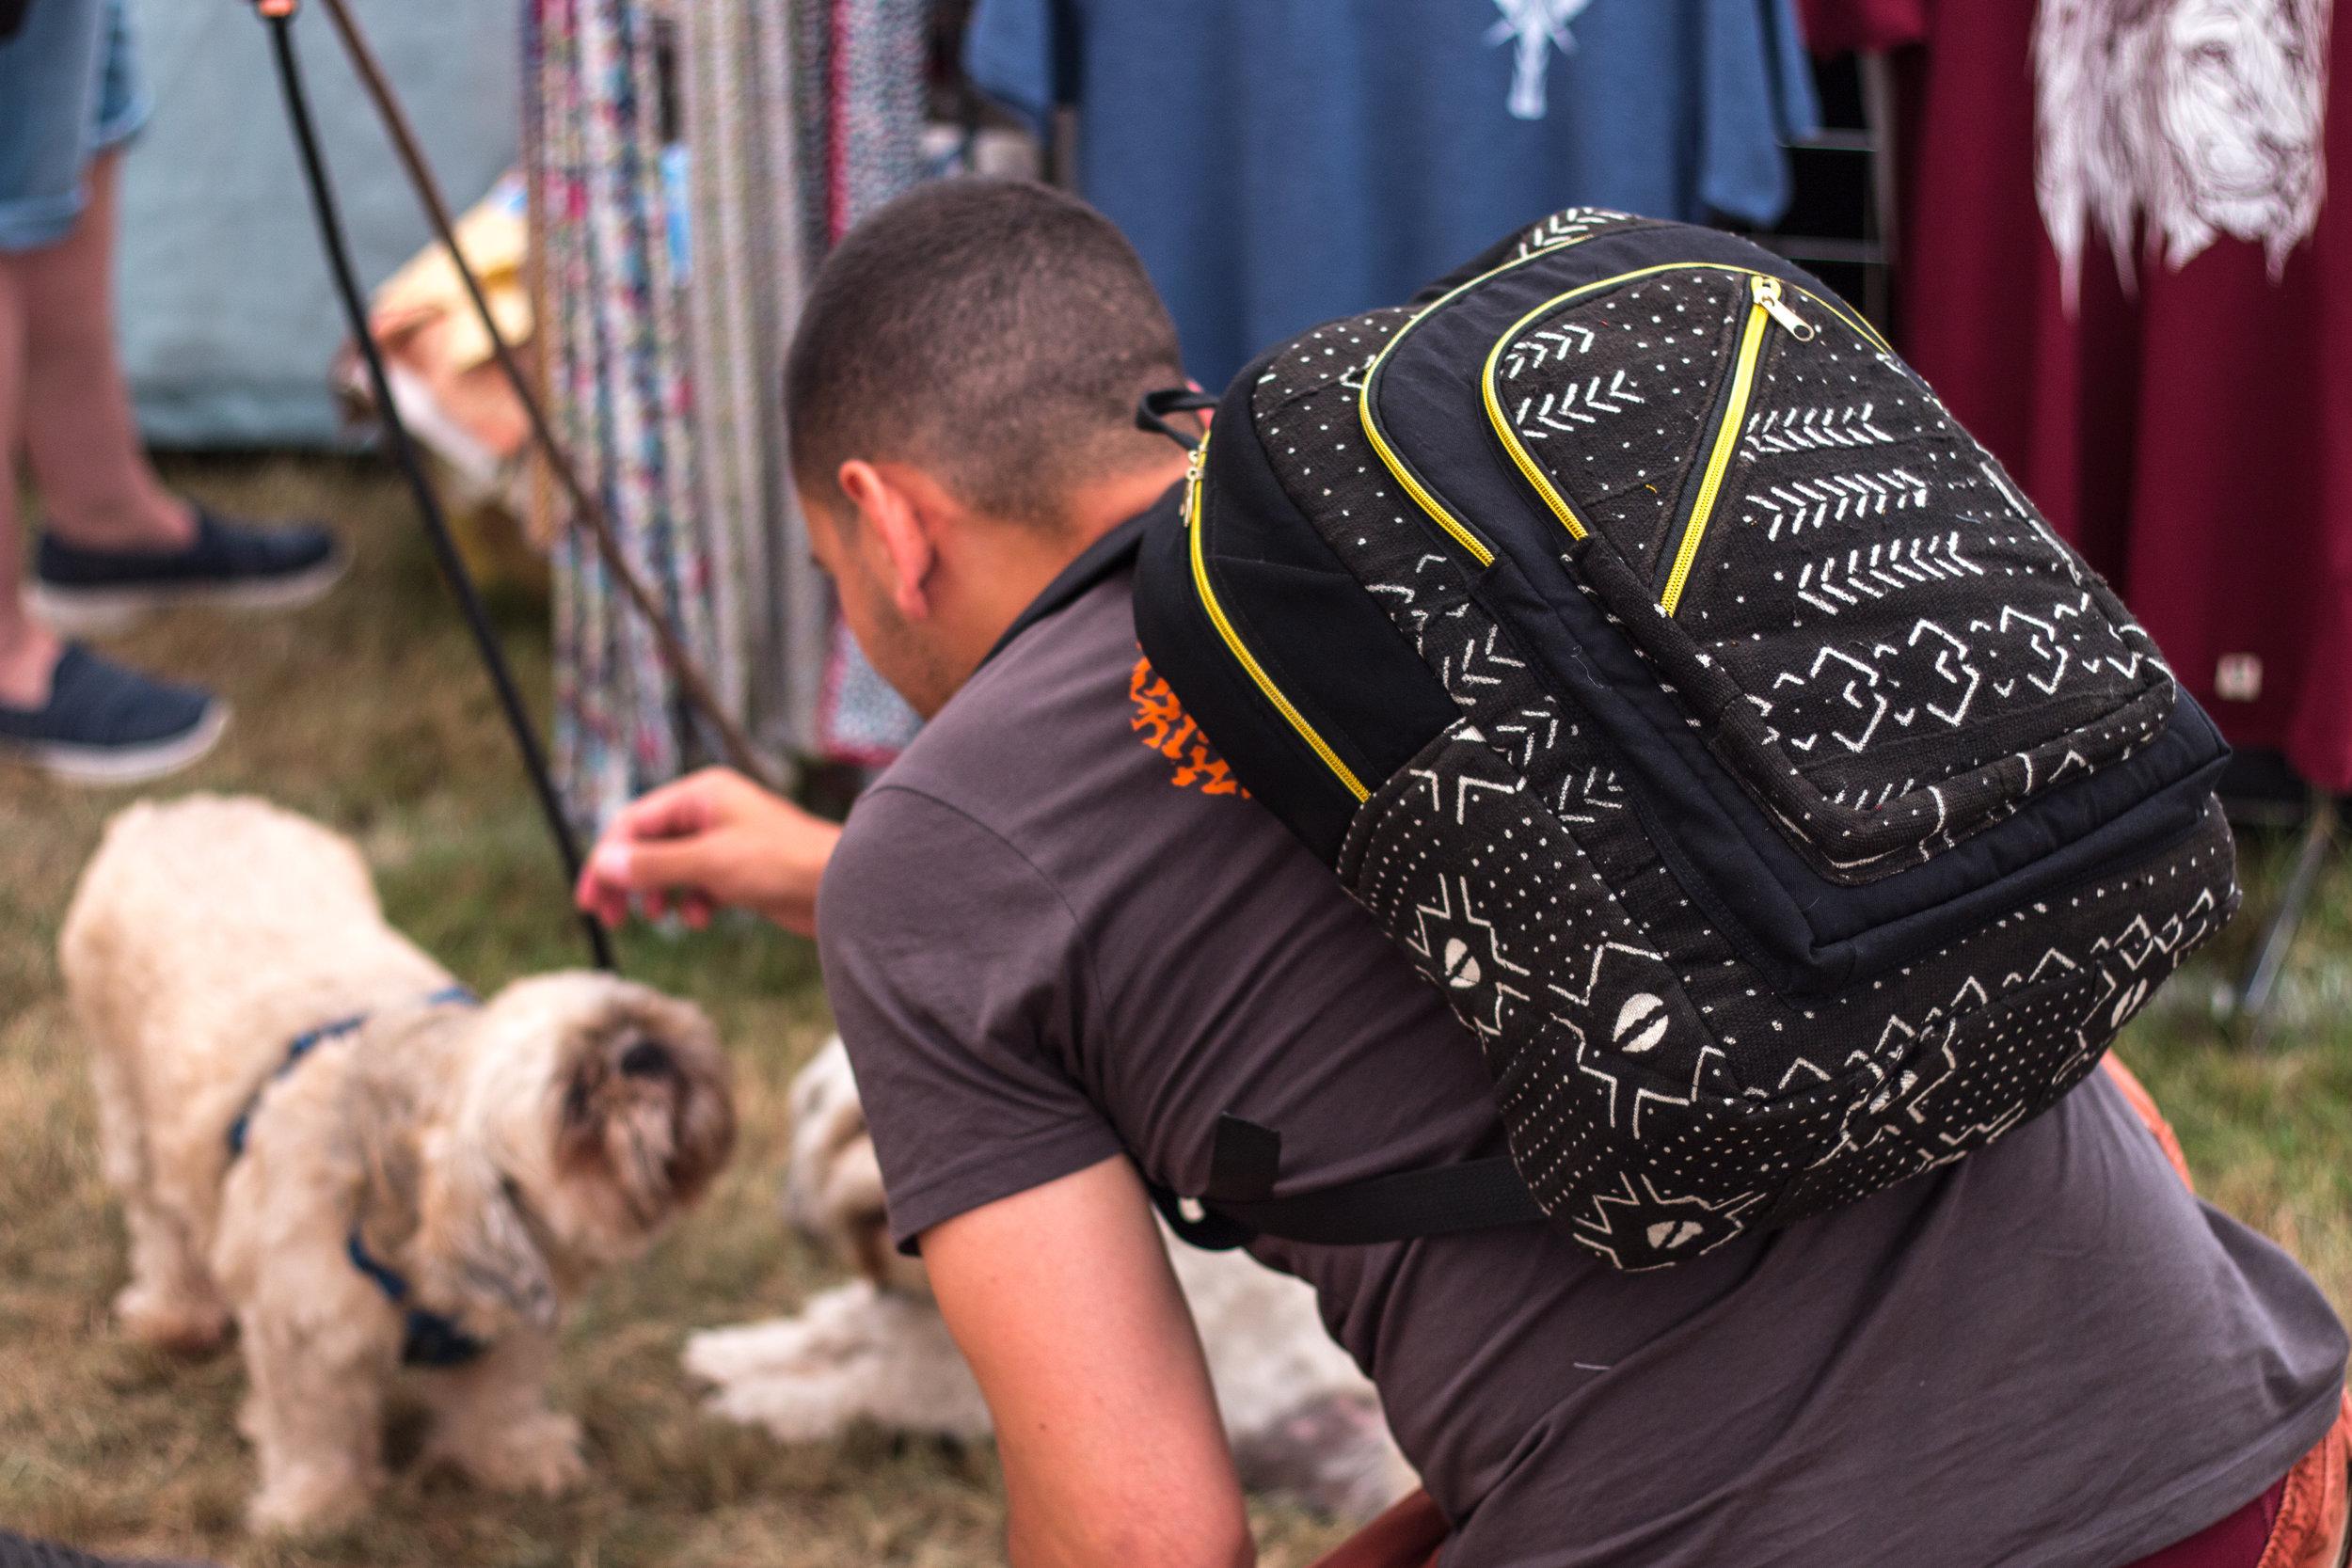 Mud cloth backpack by Kobina in Cape Coast, Ghana